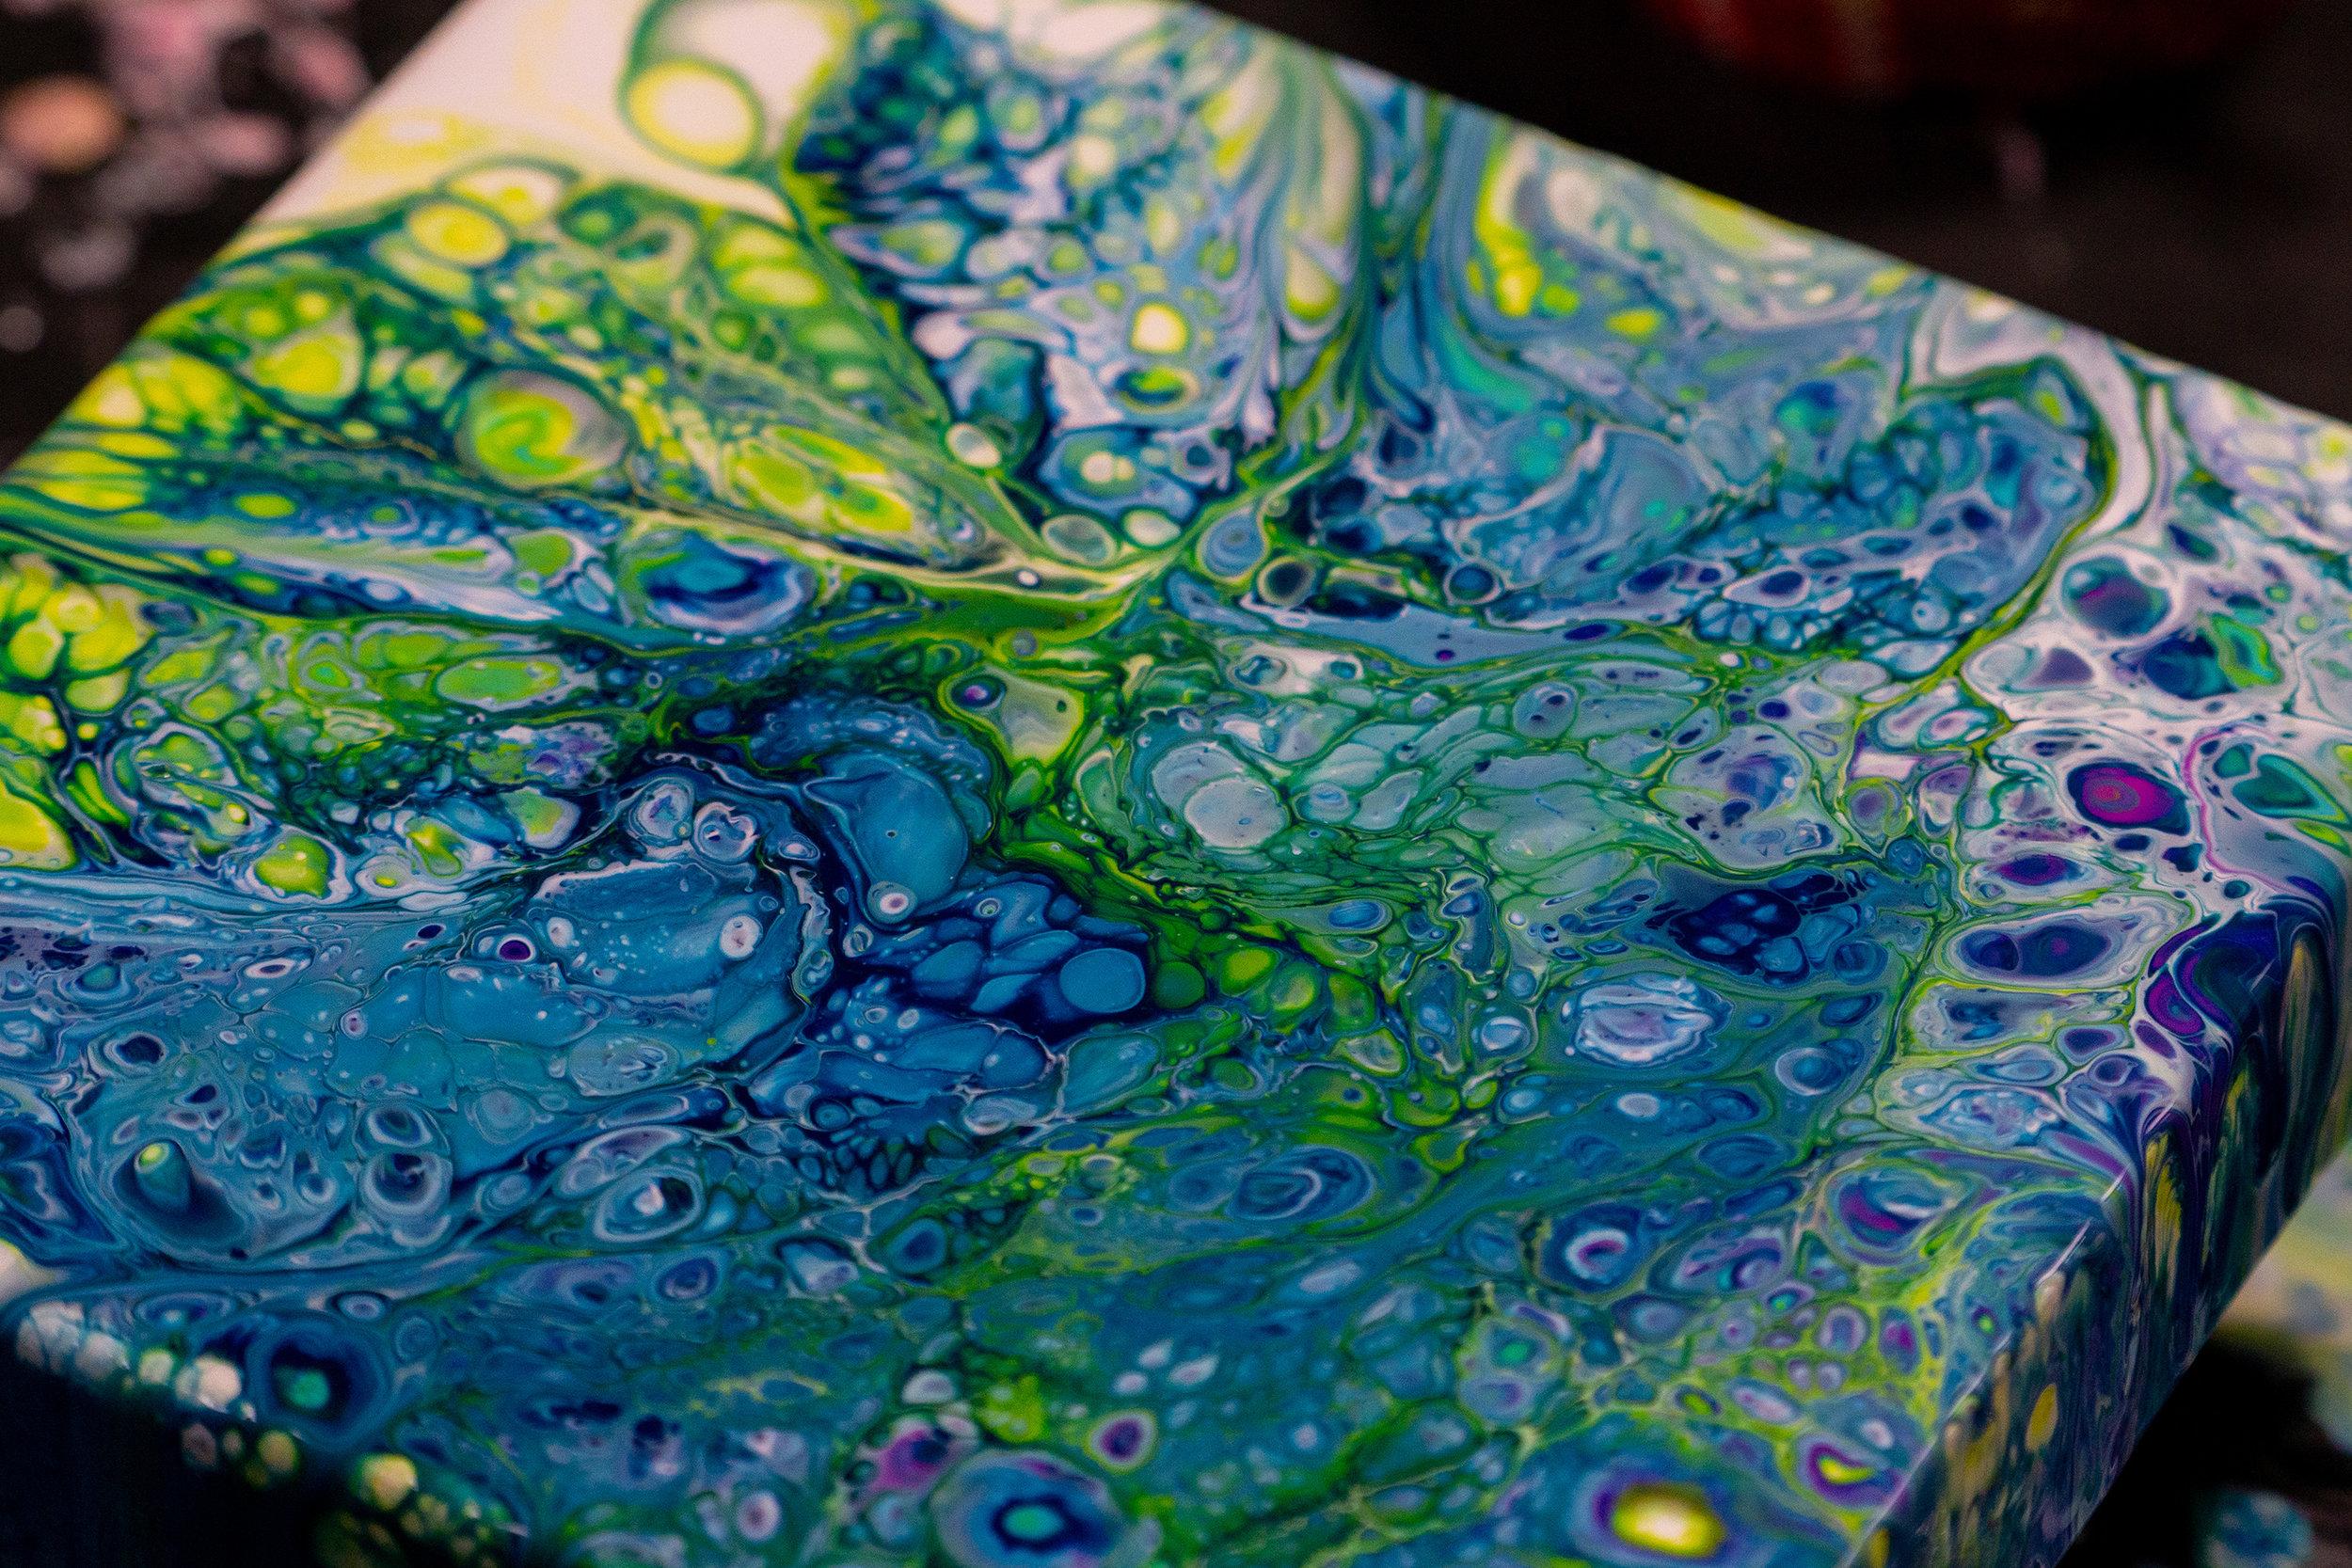 AAC-Acryllic-pouring-21_2.jpg